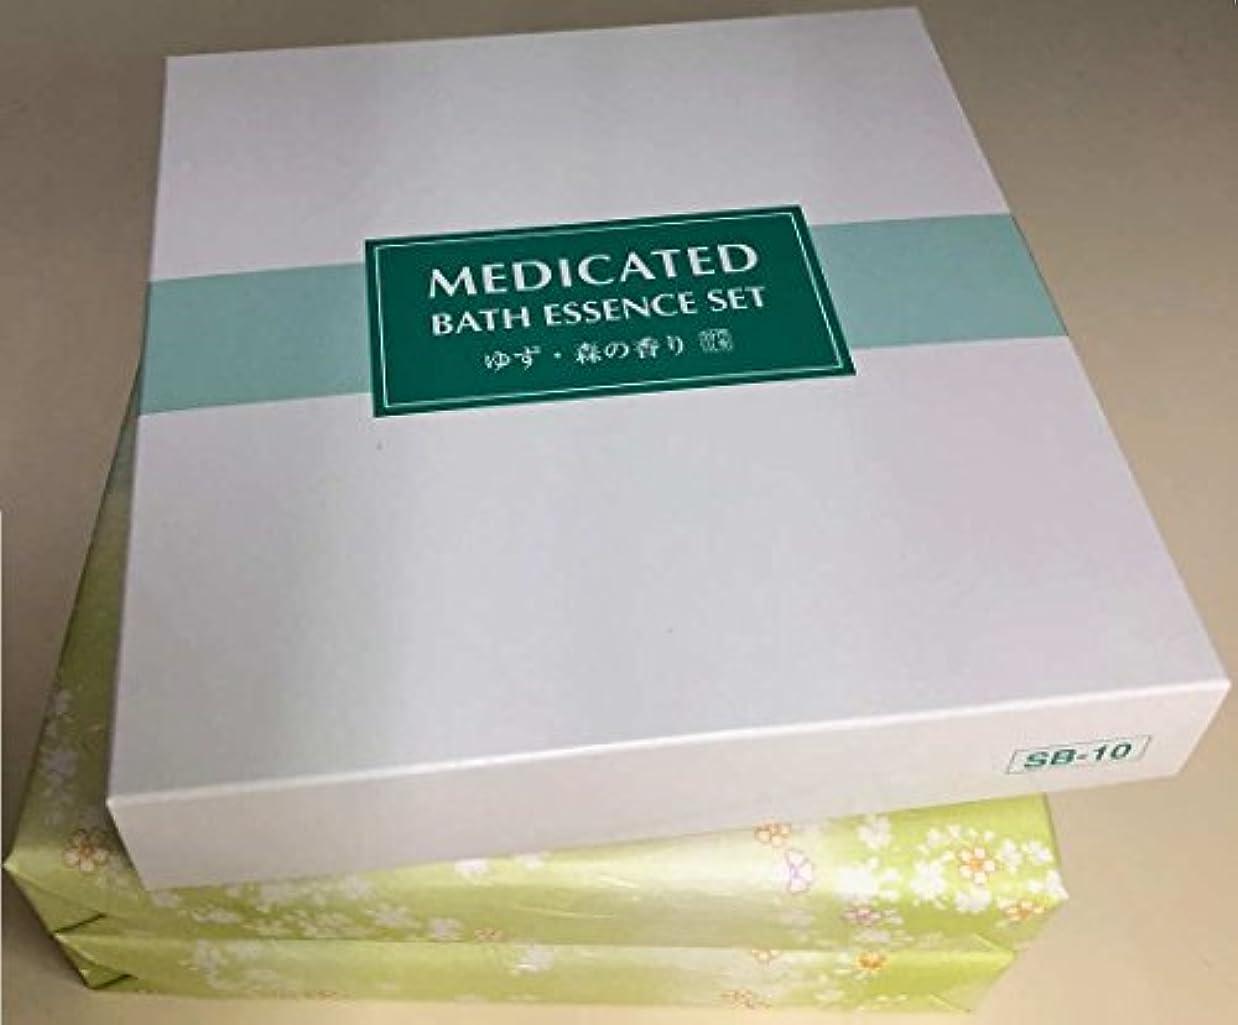 アテンダントハンディオール四季折々 薬用入浴剤セット 3個セット 個別包装済み